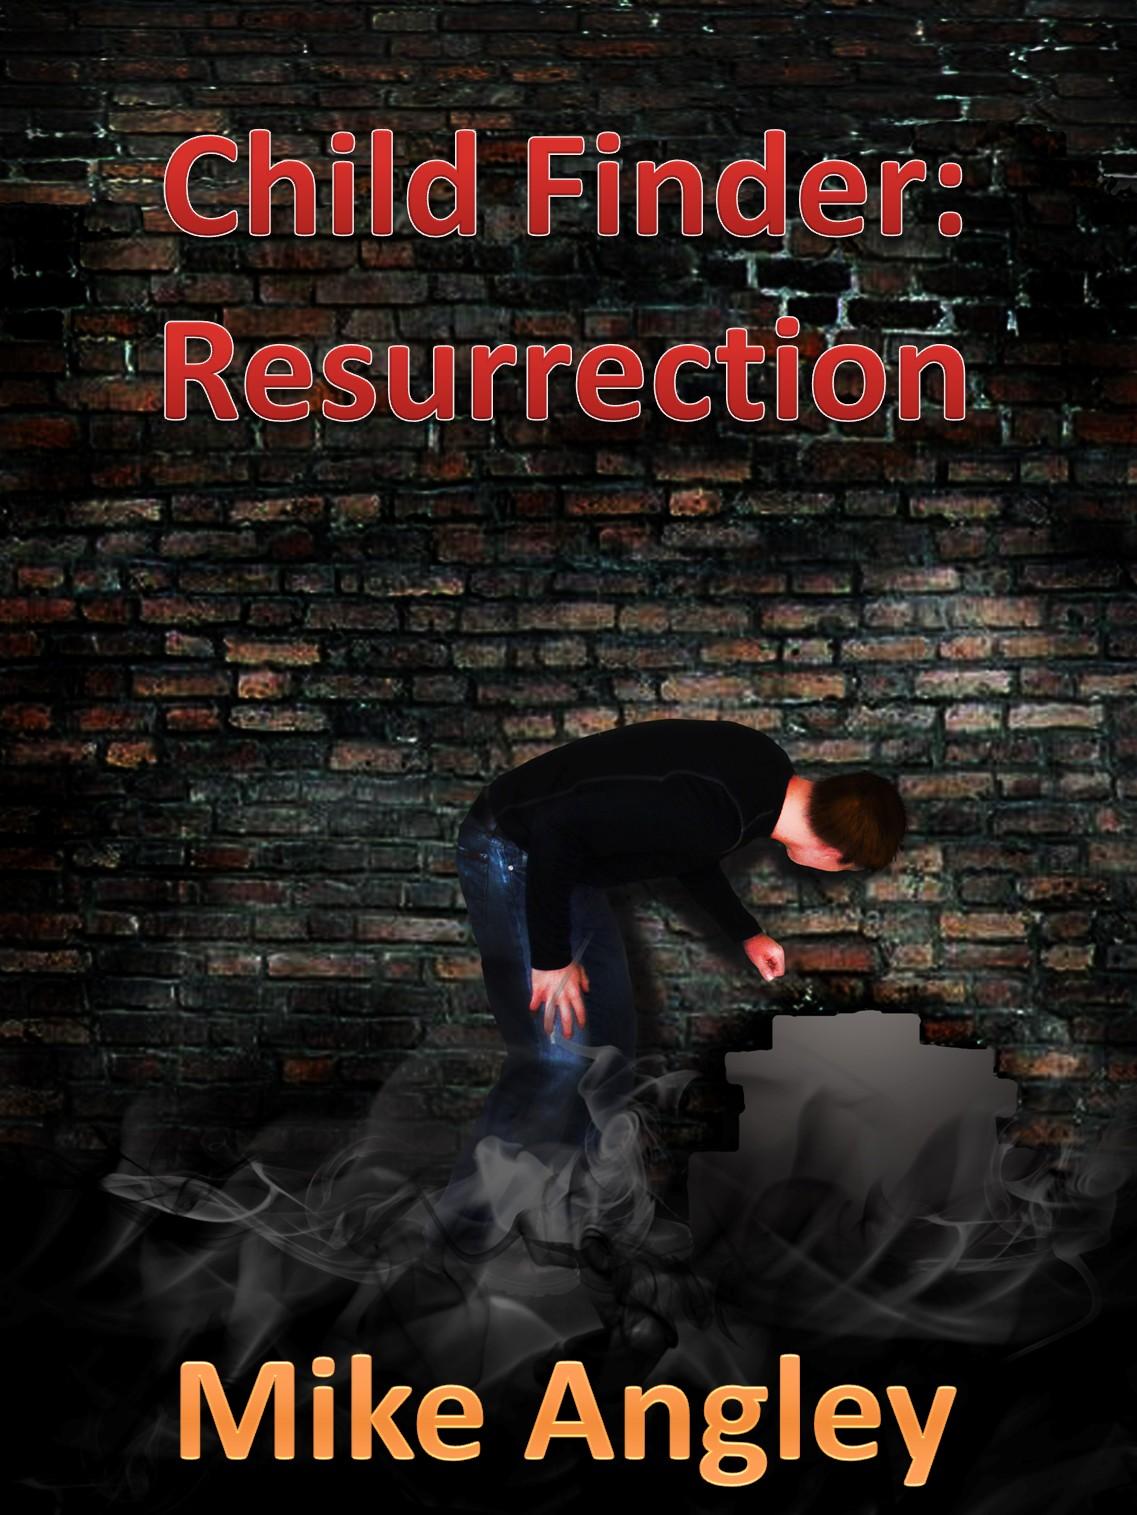 Child Finder: Resurrection